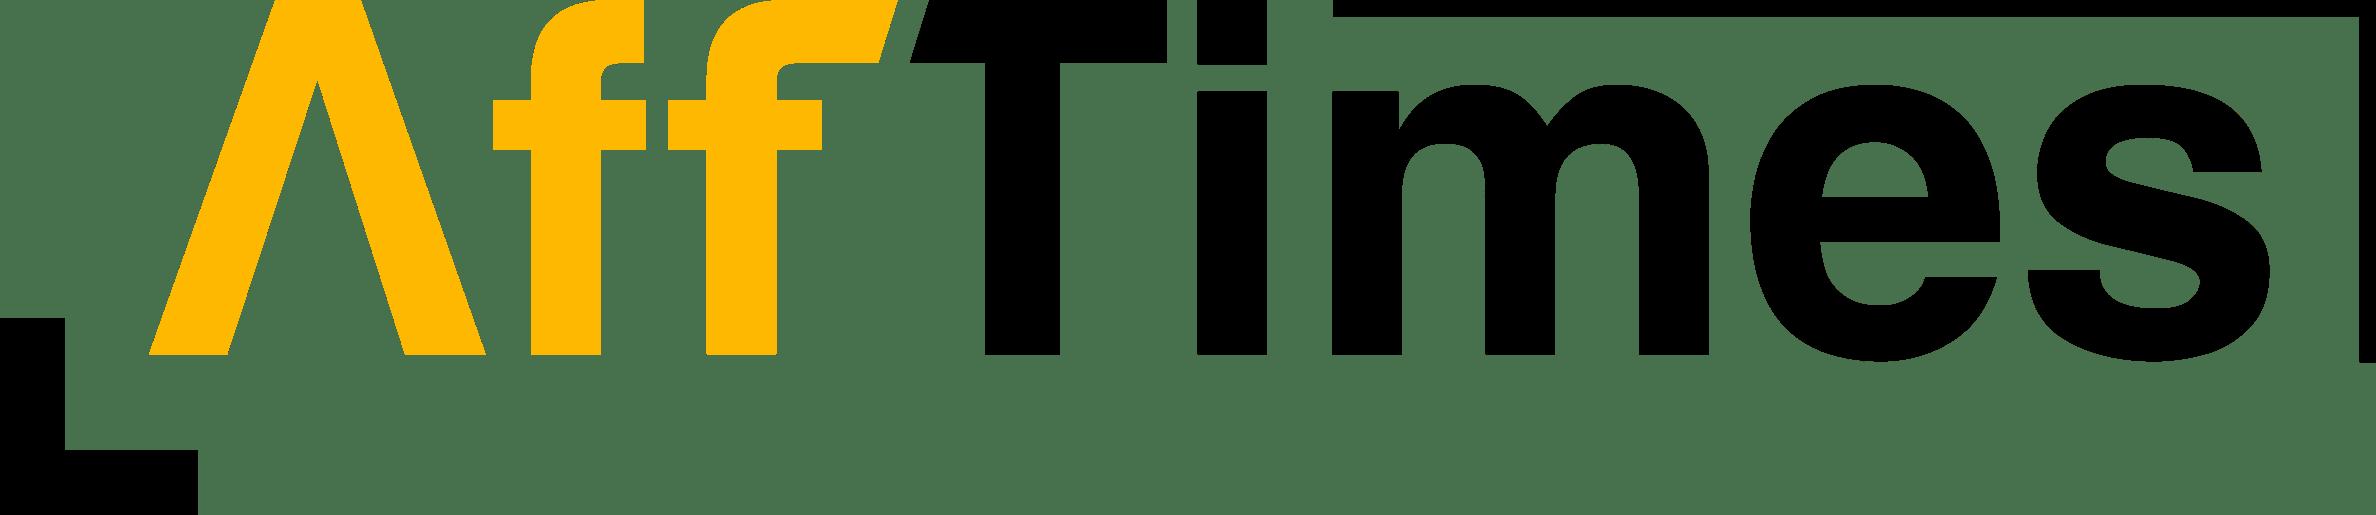 AffTimes.com